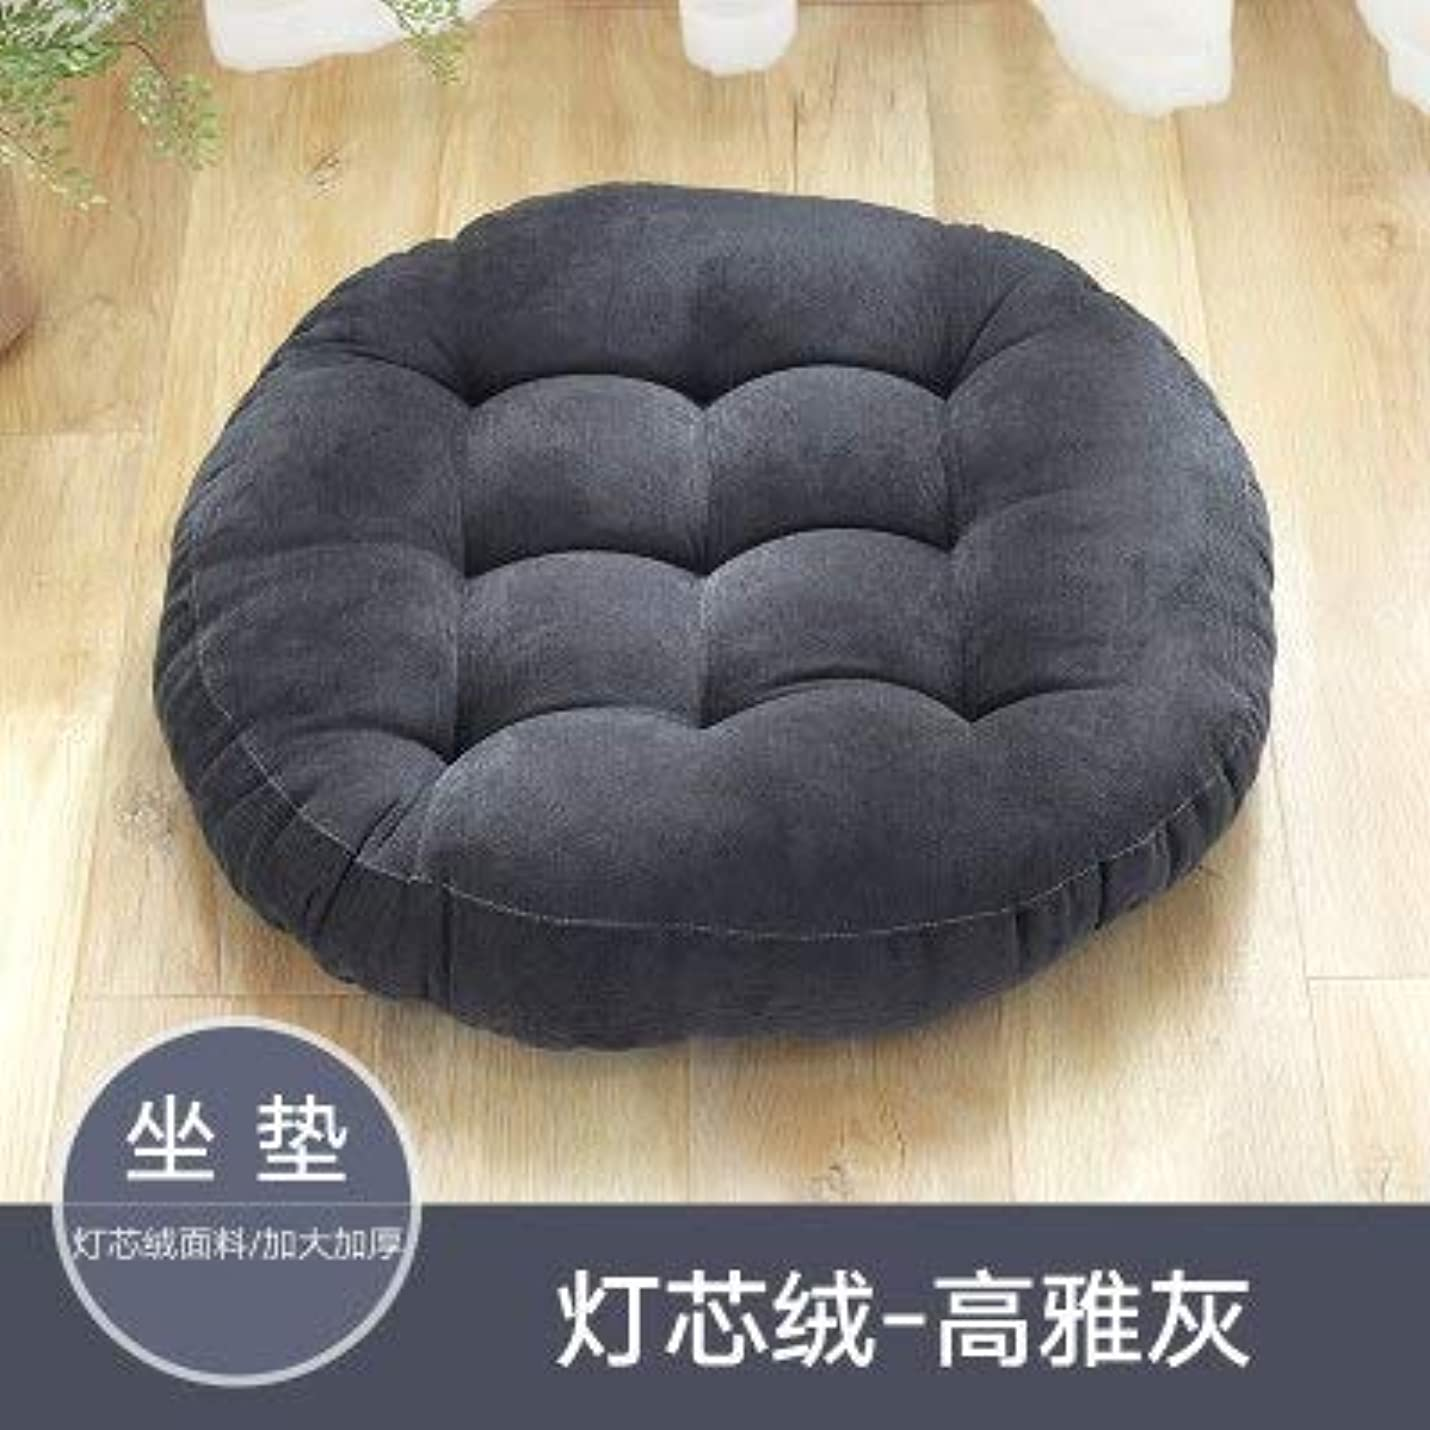 位置するフライト第二にLIFE ラウンド厚い椅子のクッションフロアマットレスシートパッドソフトホームオフィスチェアクッションマットソフトスロー枕最高品質の床クッション クッション 椅子